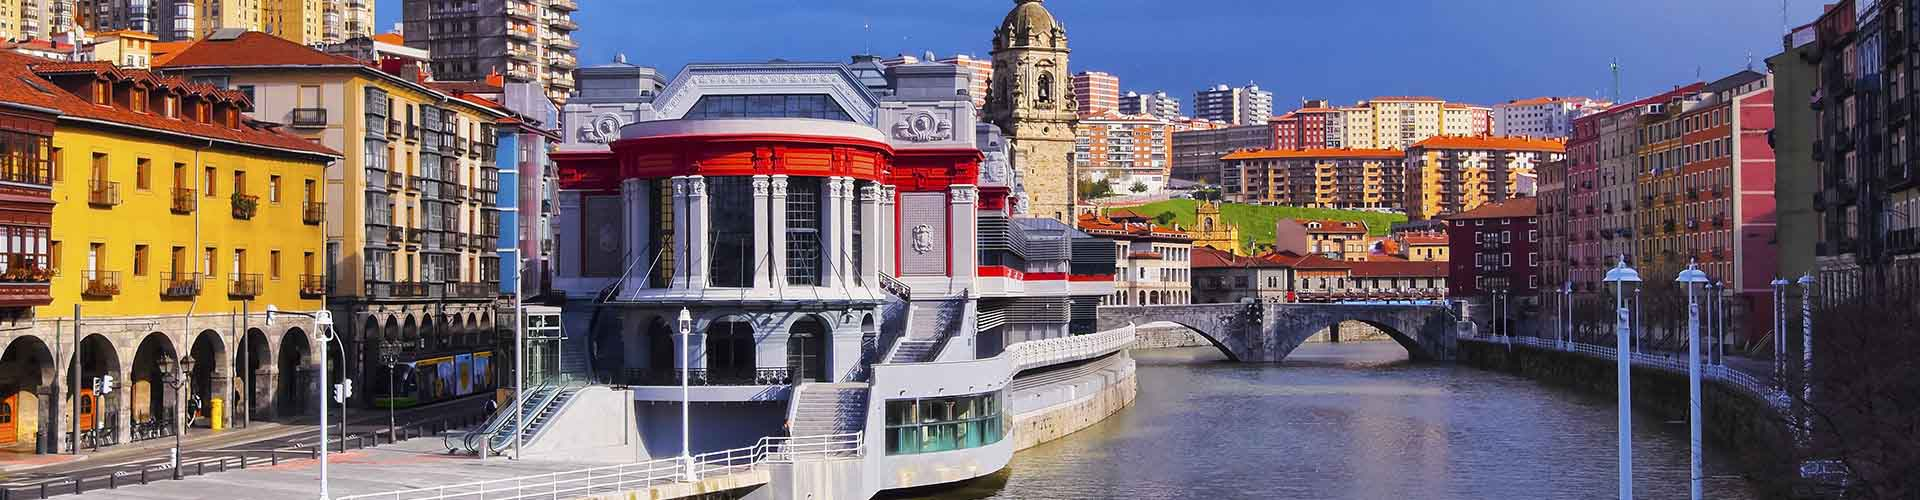 Bilbao - Auberges de jeunesse dans le quartier de Basurto-Zorroza. Cartes pour Bilbao, photos et commentaires pour chaque auberge de jeunesse à Bilbao.